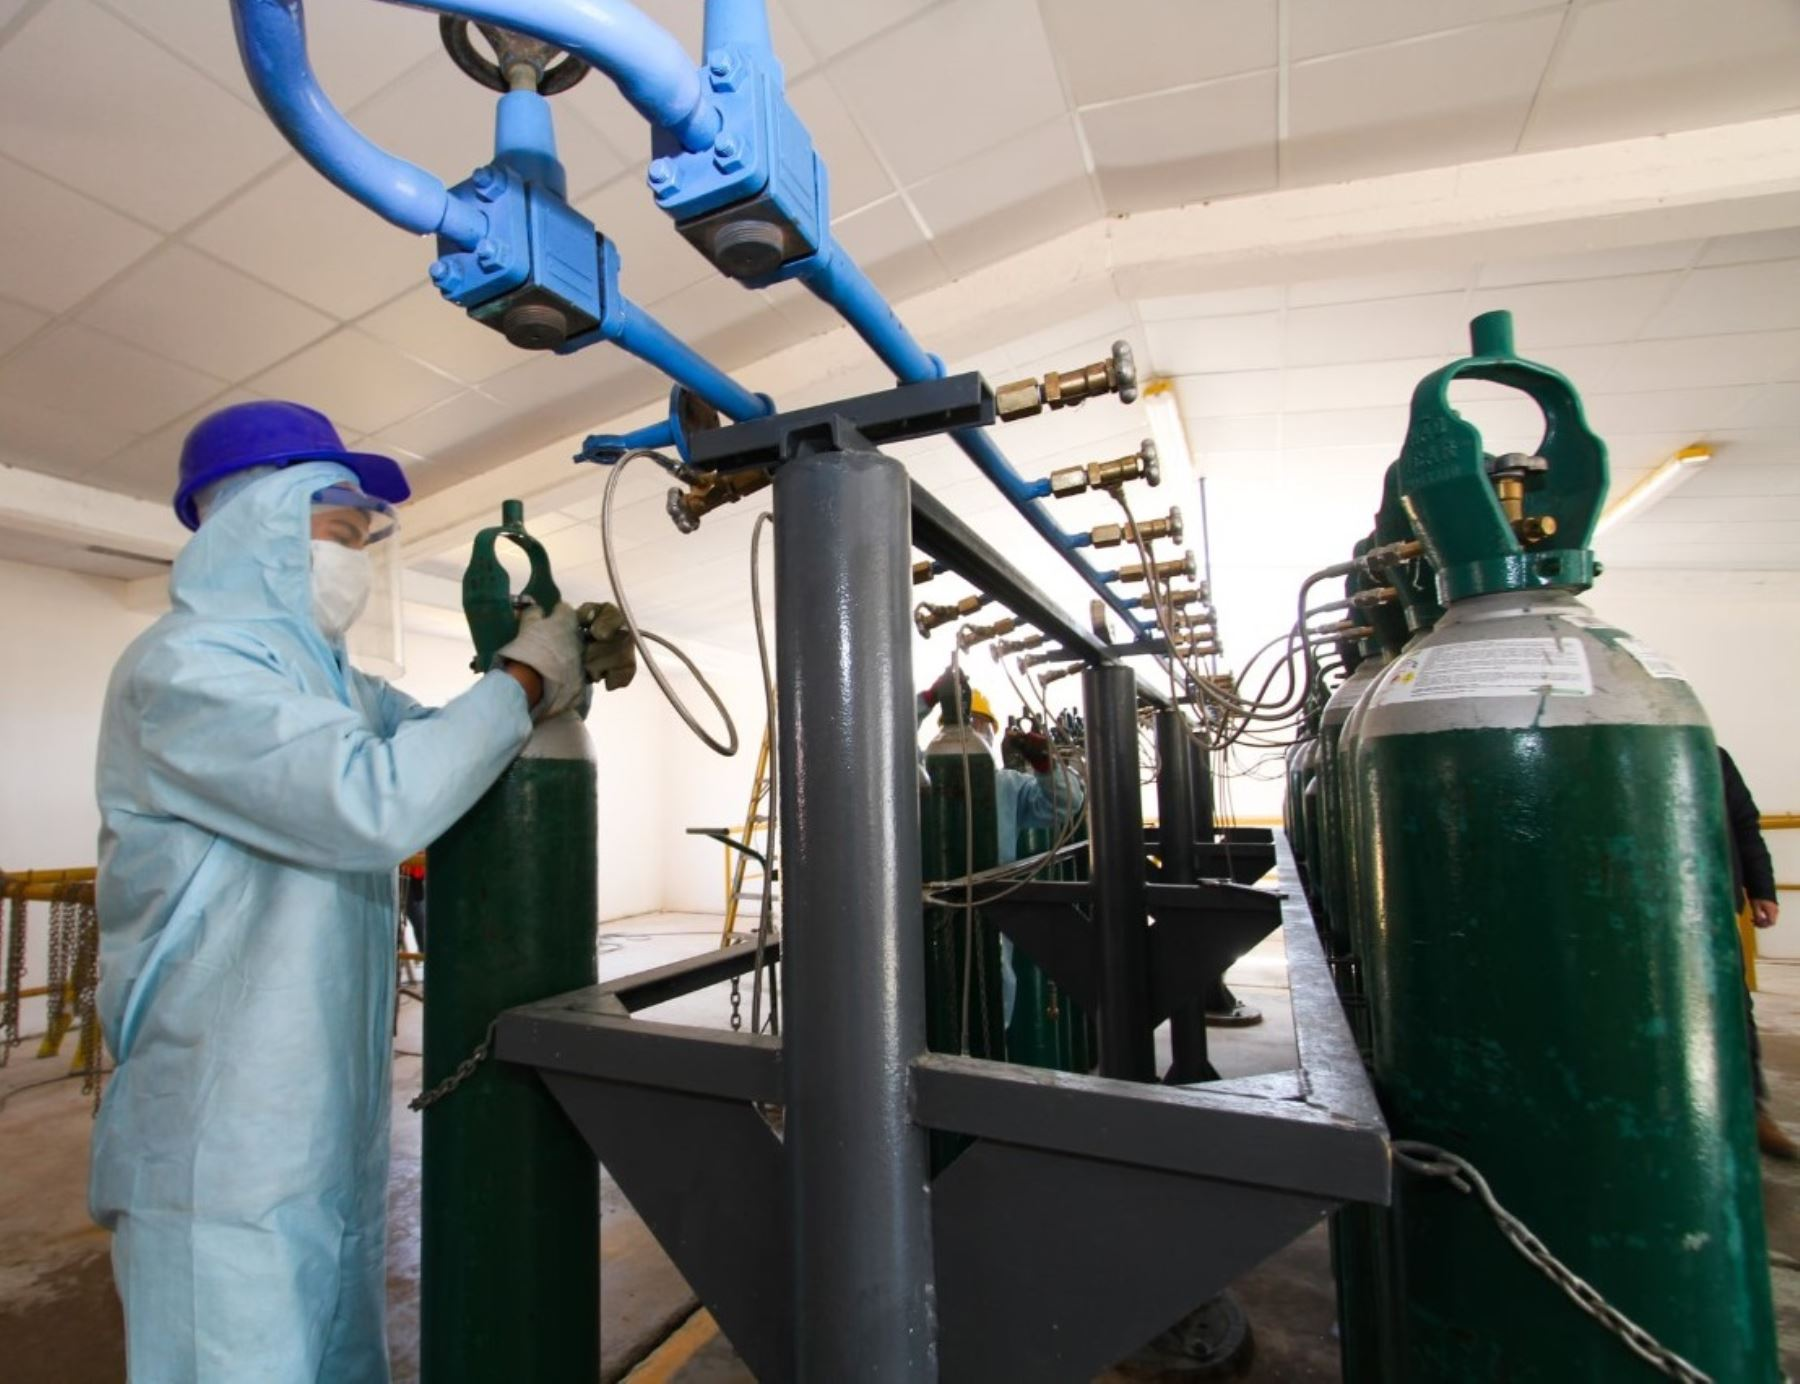 El alcalde de Cusco, Víctor Boluarte hizo un llamado a las autoridades e instituciones locales para unir esfuerzos y comprar planta de oxígeno medicinal para la Ciudad Imperial. ANDINA/Difusión